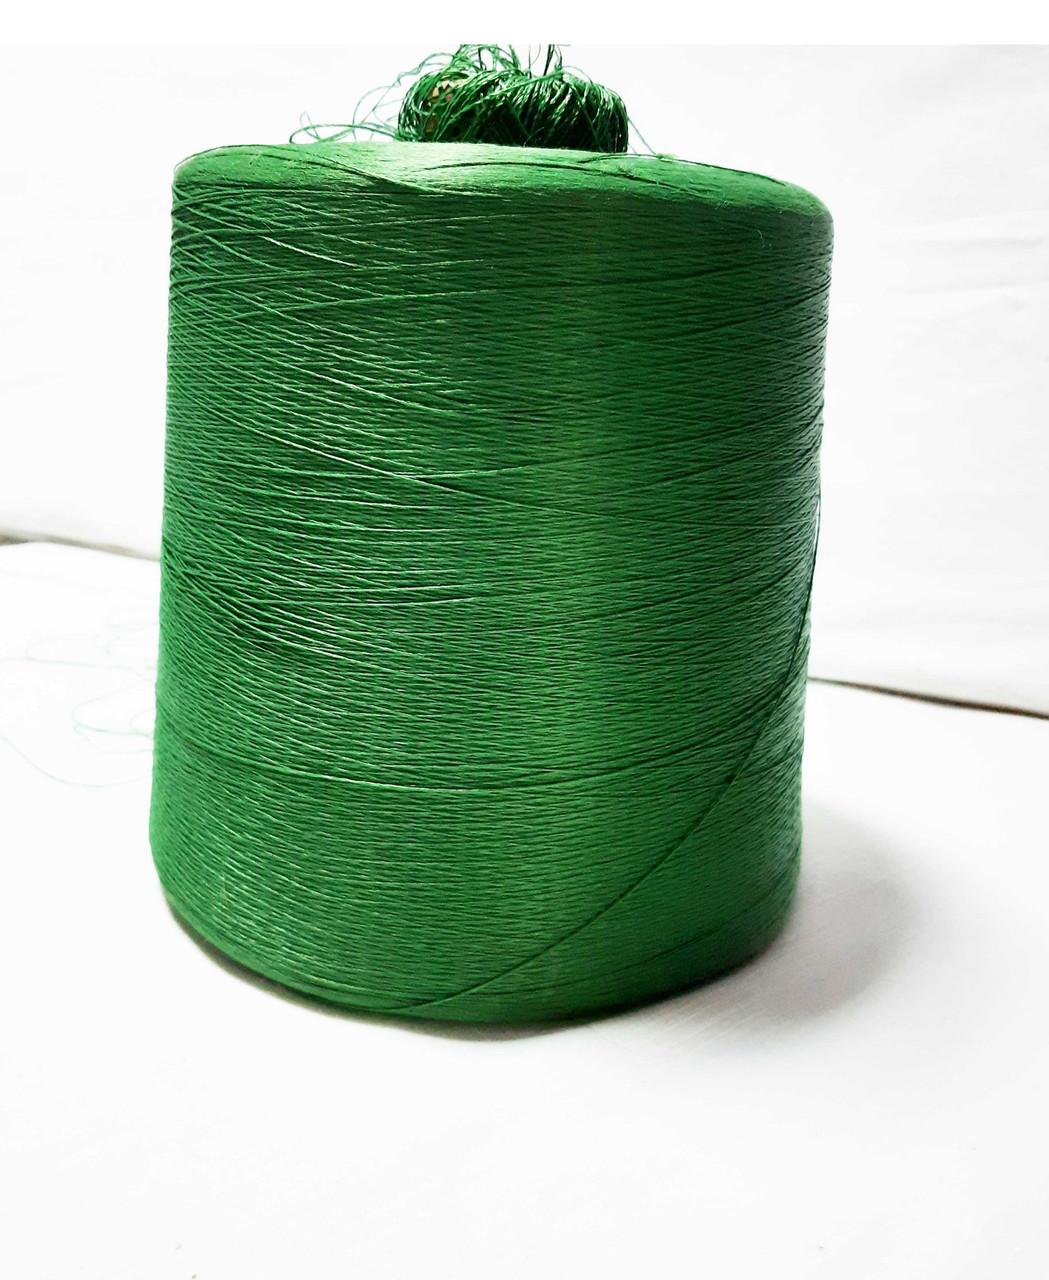 Пряжа бобинная Віскоза від Gruppo Filpucci колір зелений